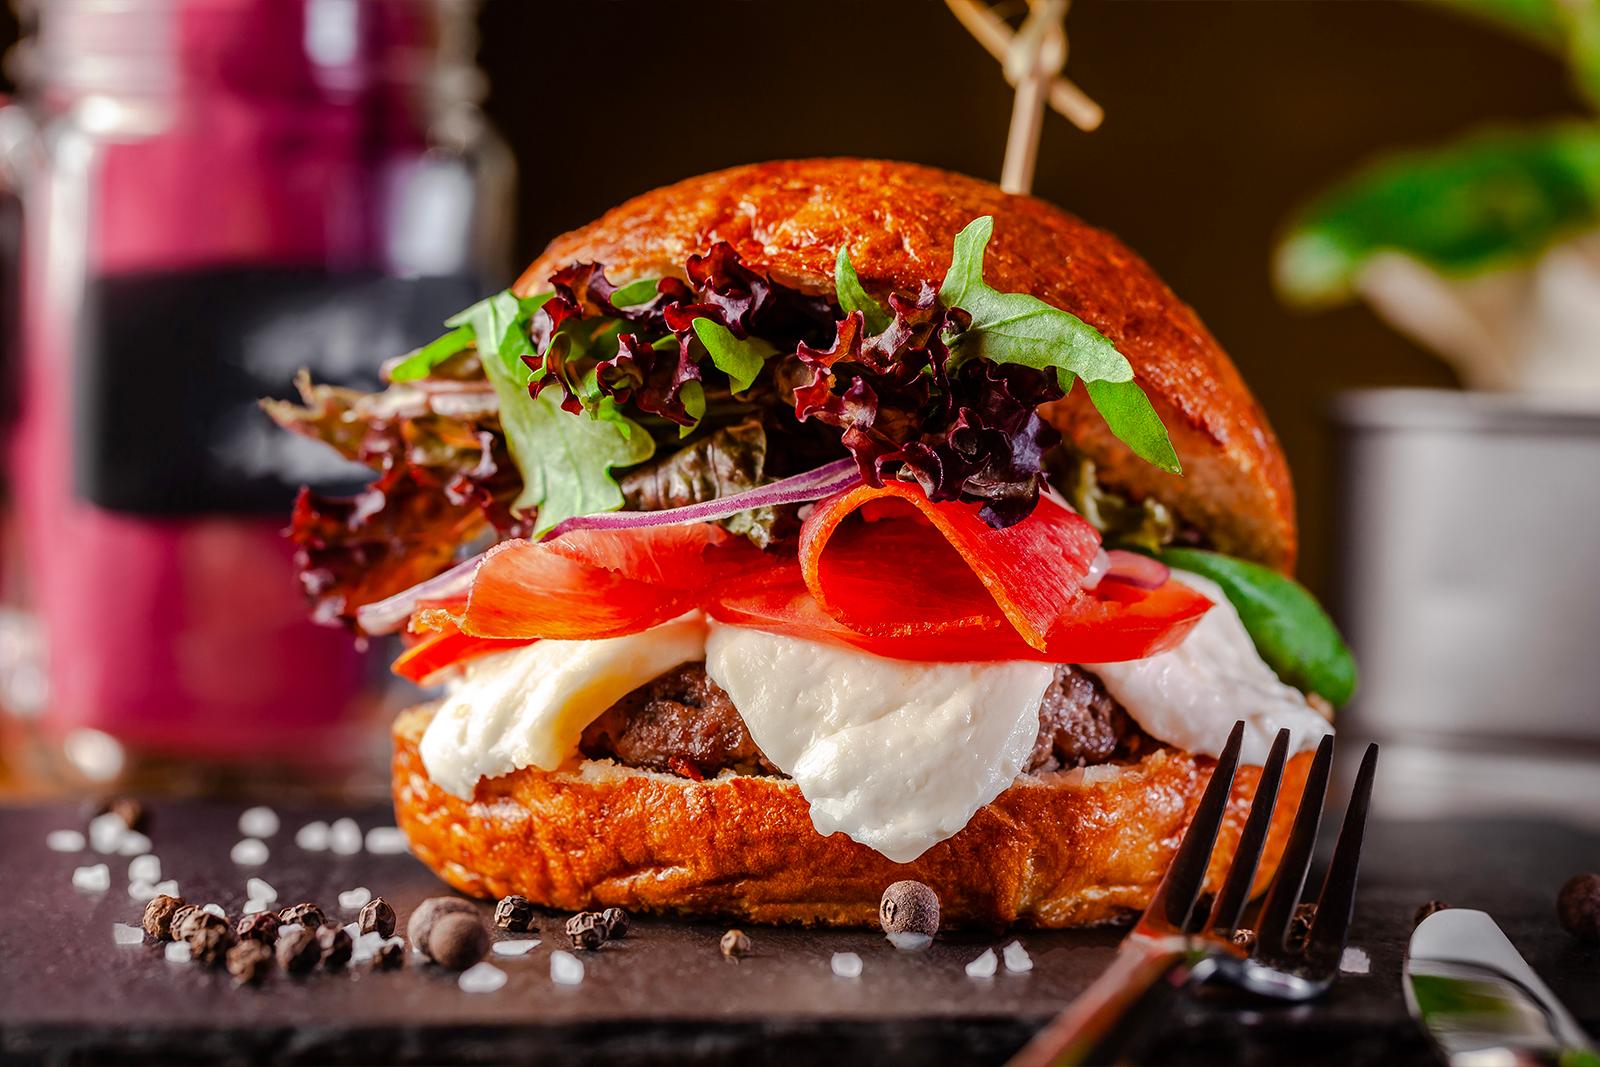 Hamburger with mozzarella and tomatoes on brioche bun